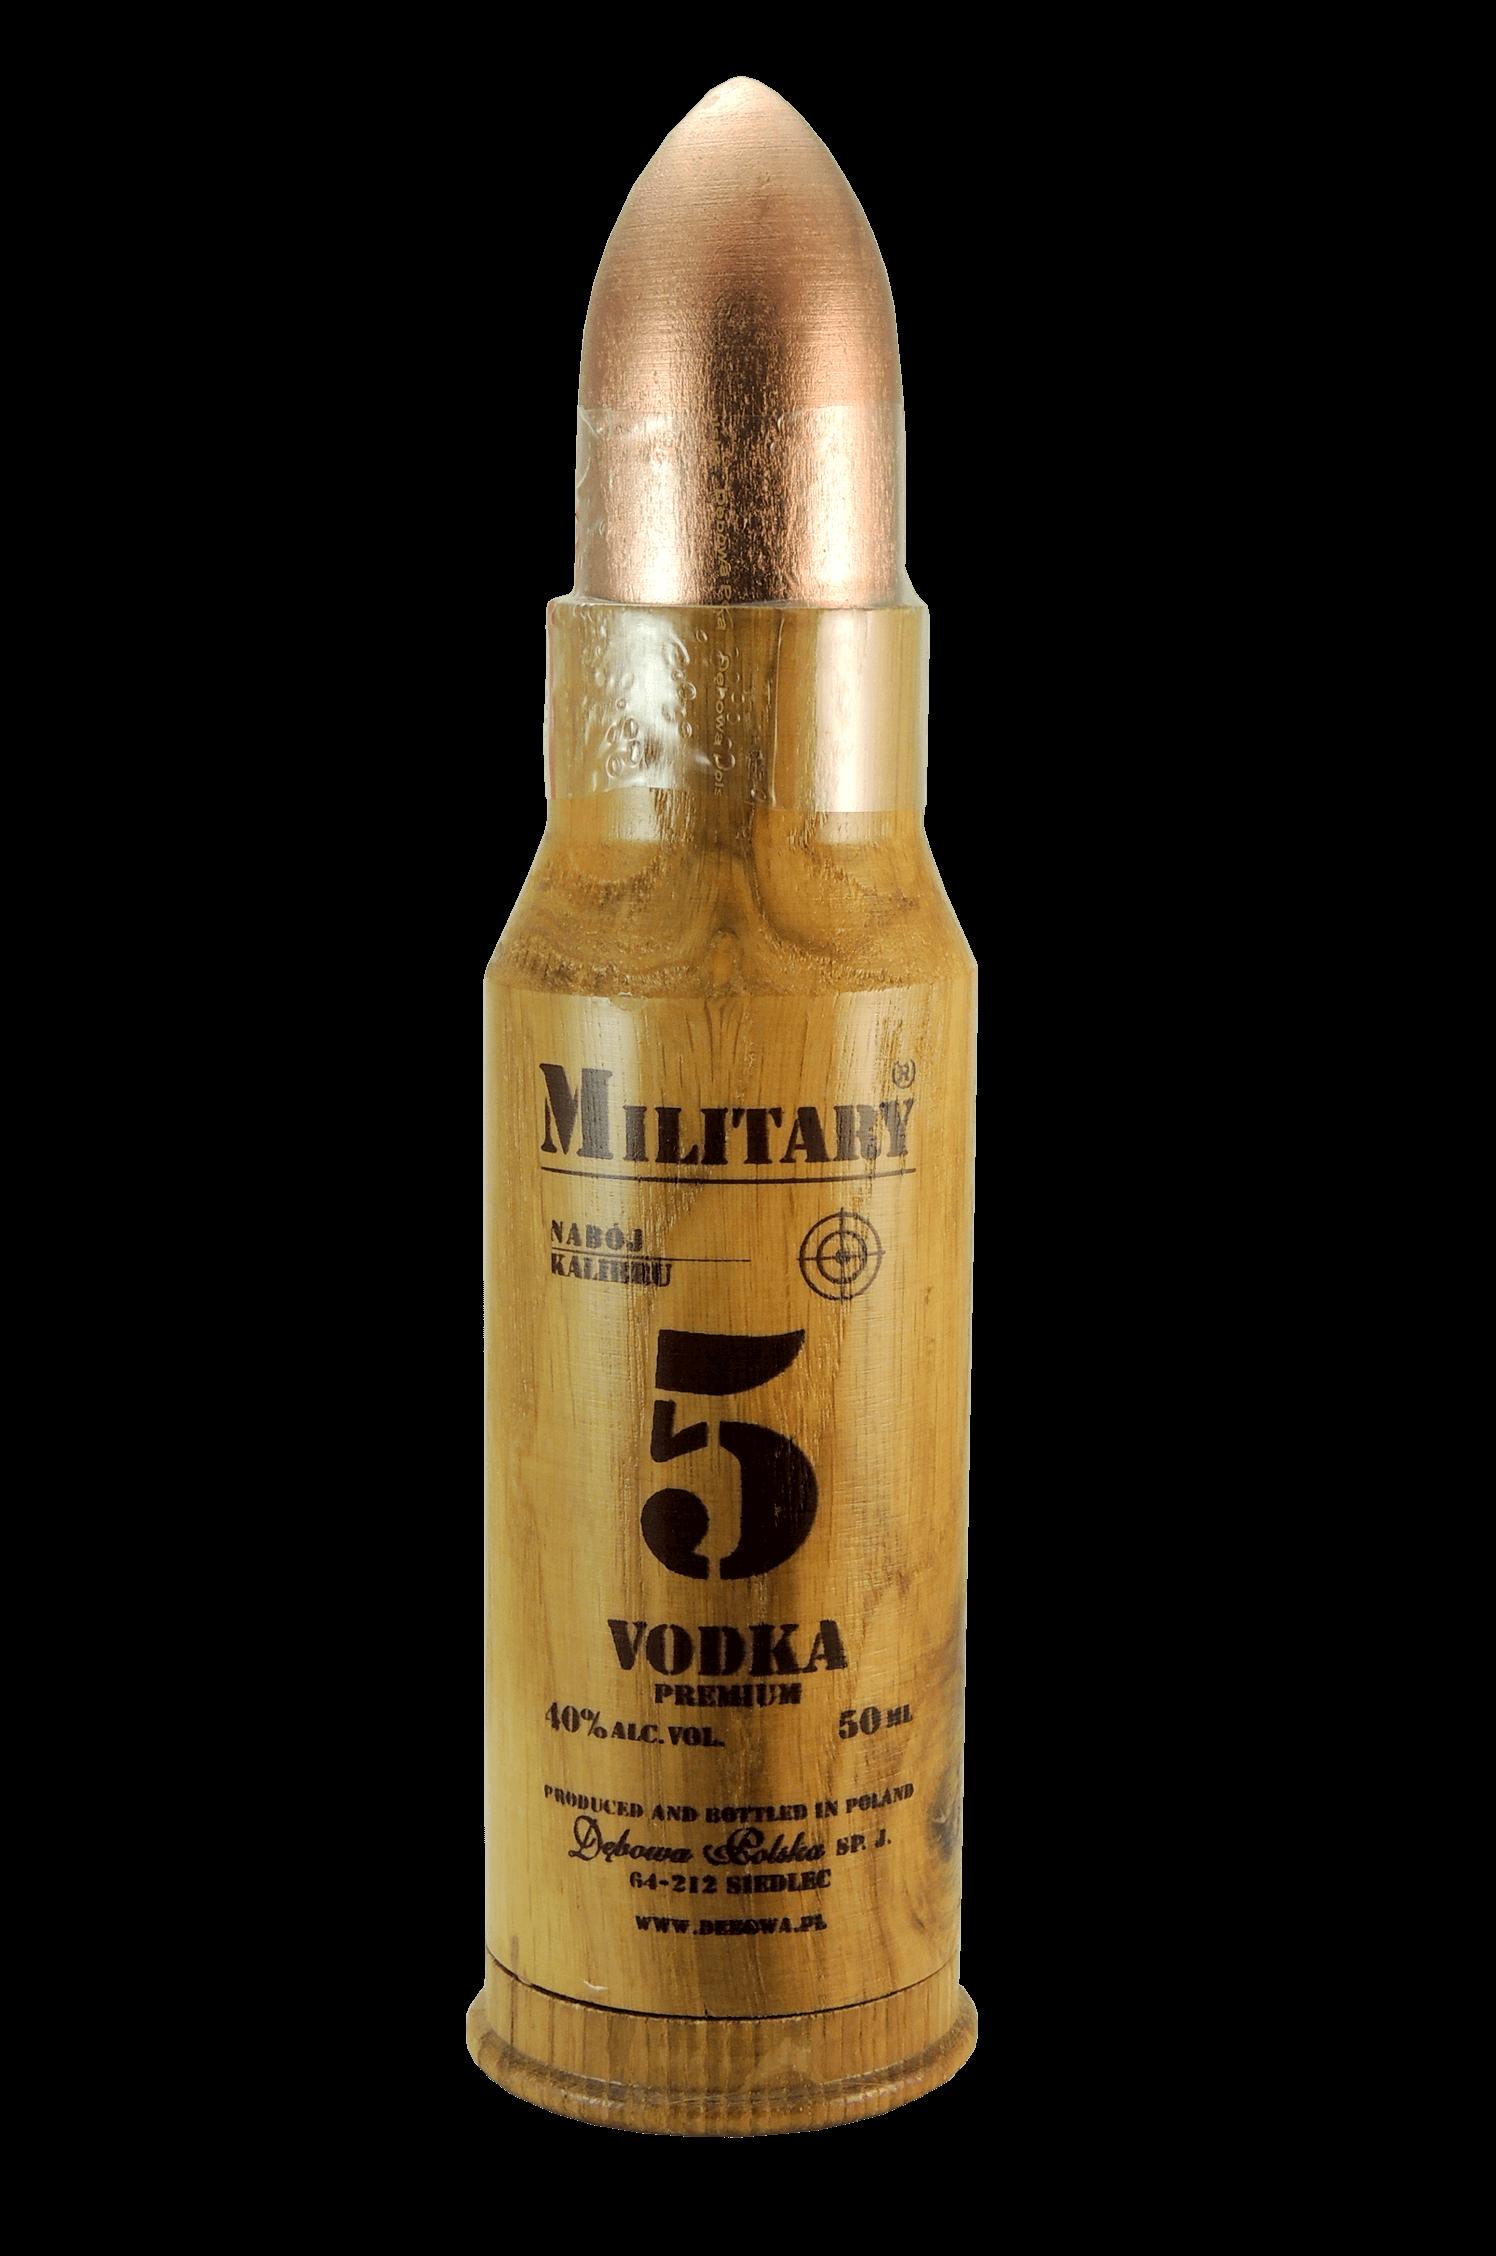 Military 5 Vodka Premium